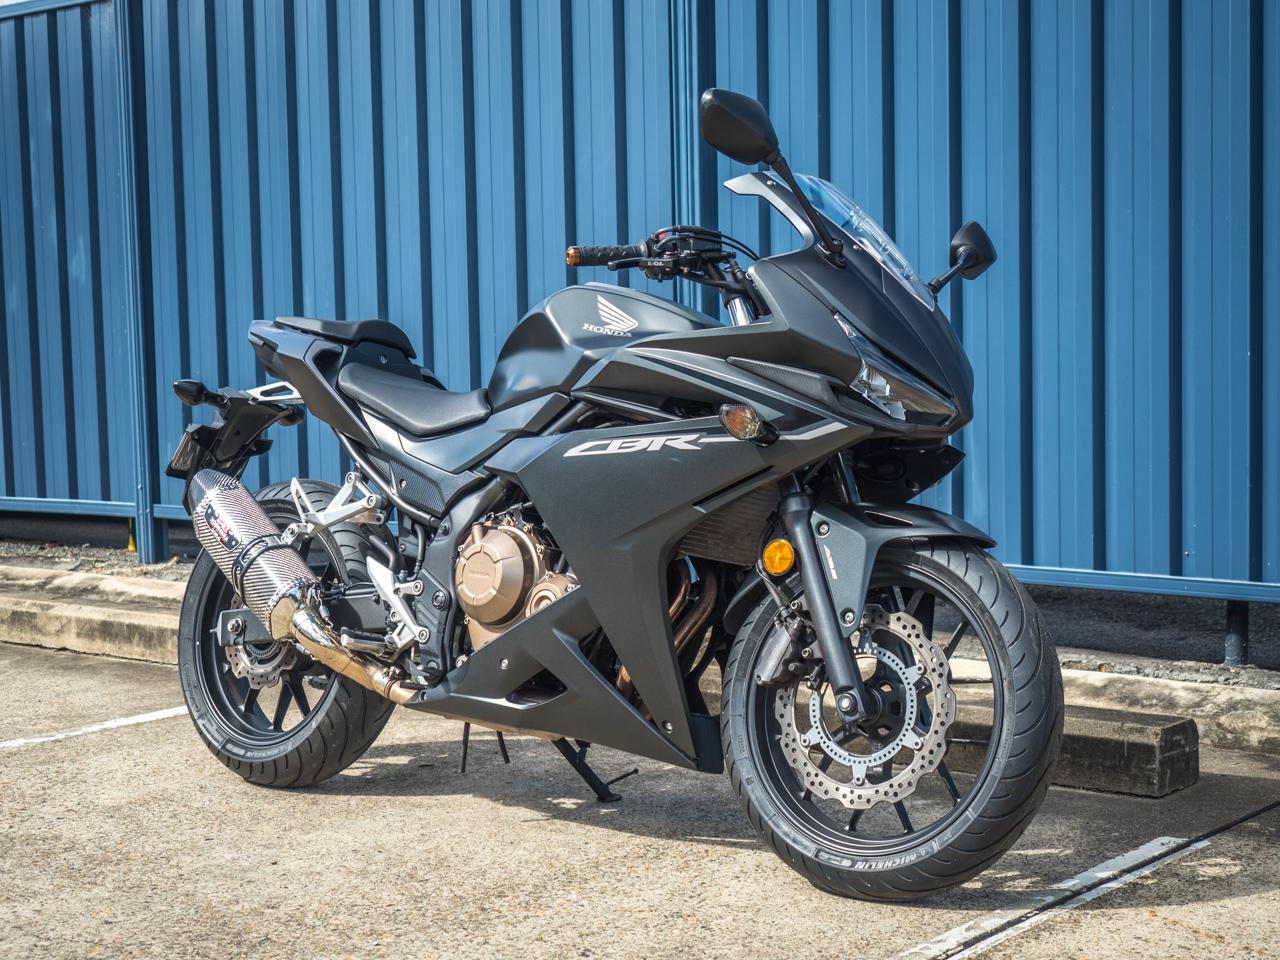 Honda Cbr500r Abs 2017 Matt Black Motorcycles R Us